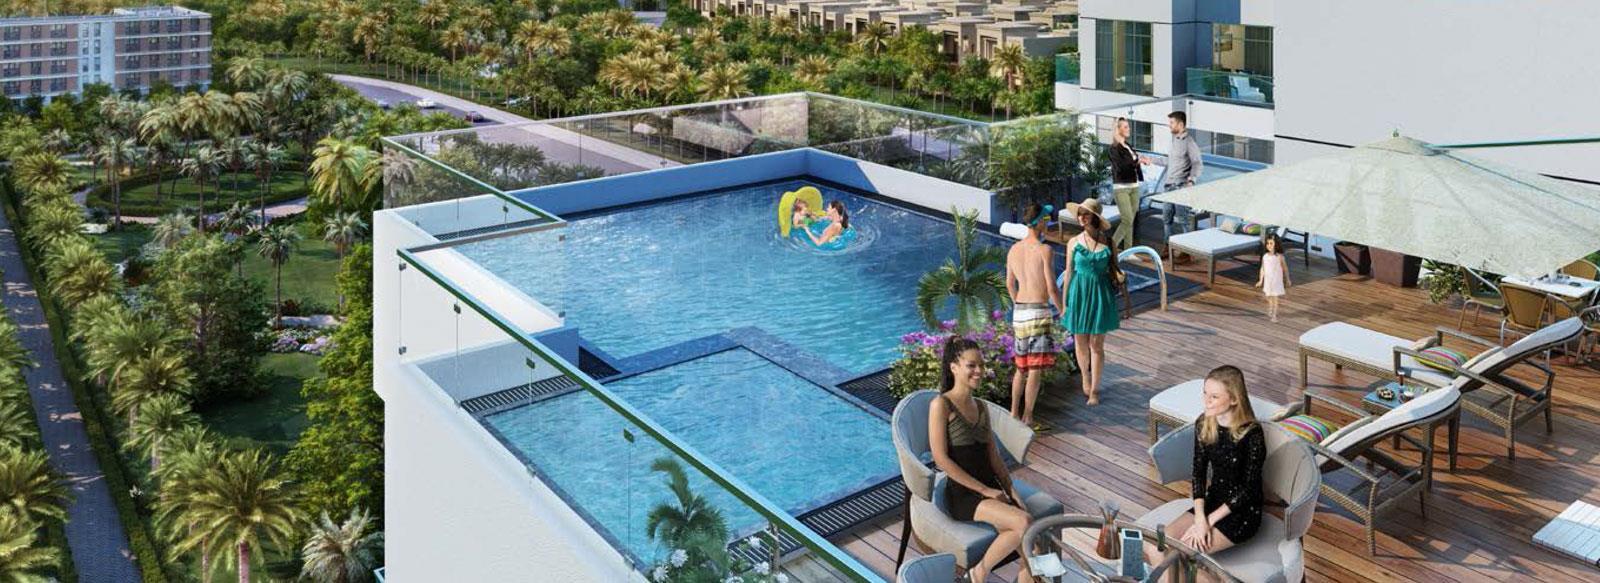 Azizi Berton Apartments